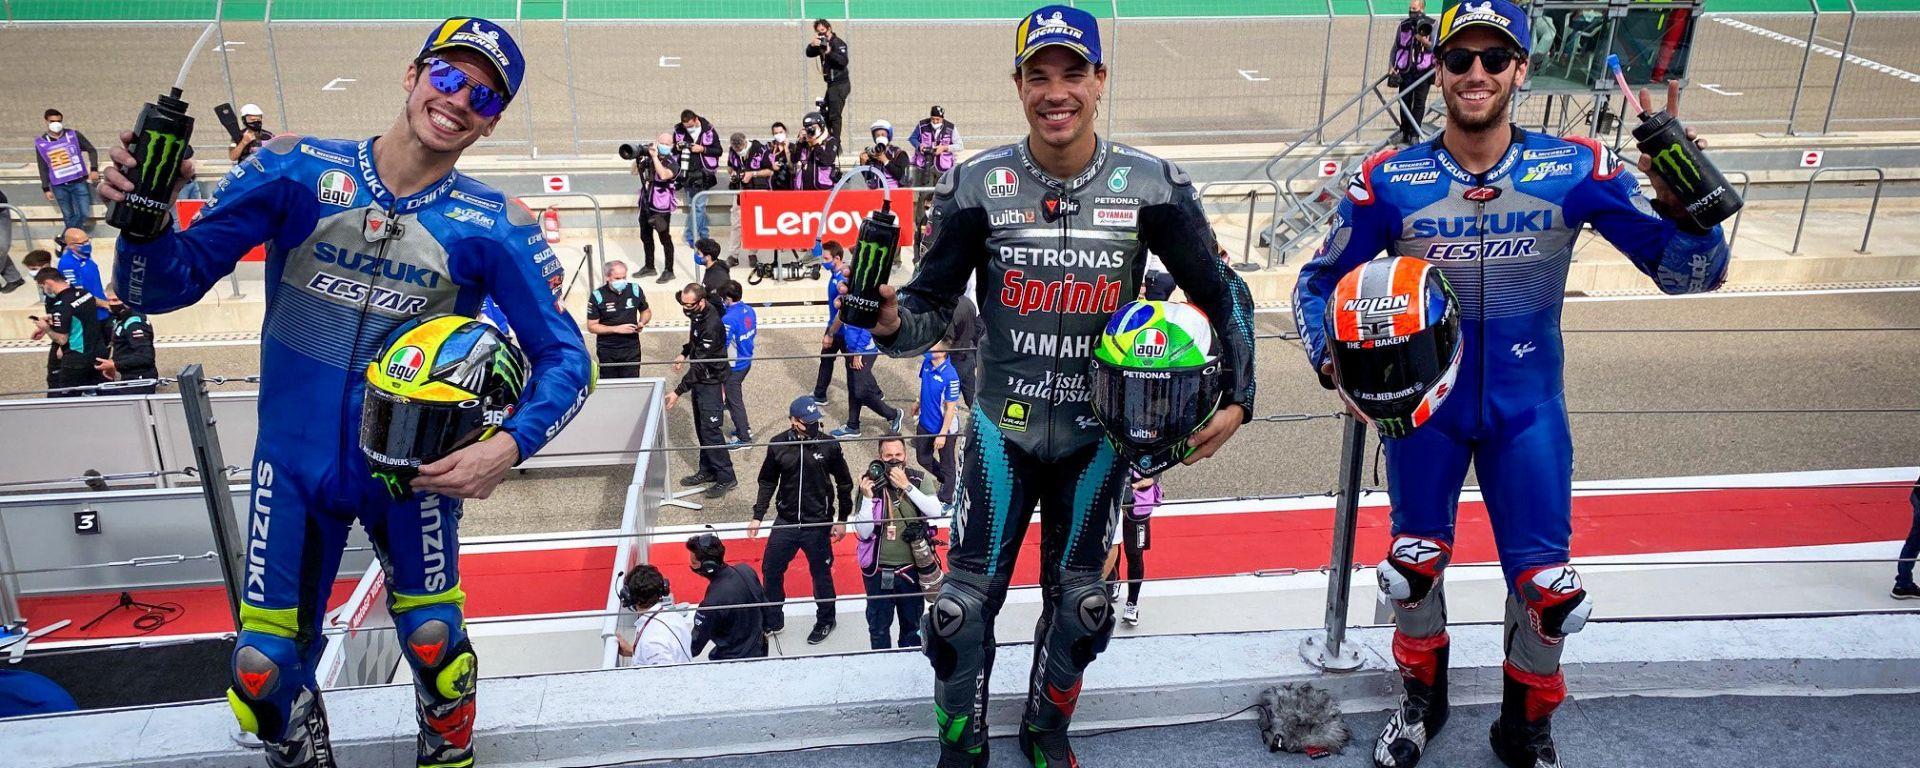 Il podio del GP di Teruel: Franco Morbidelli (Yamaha) davanti ai due Suzuki Alex Rins e Joan Mir